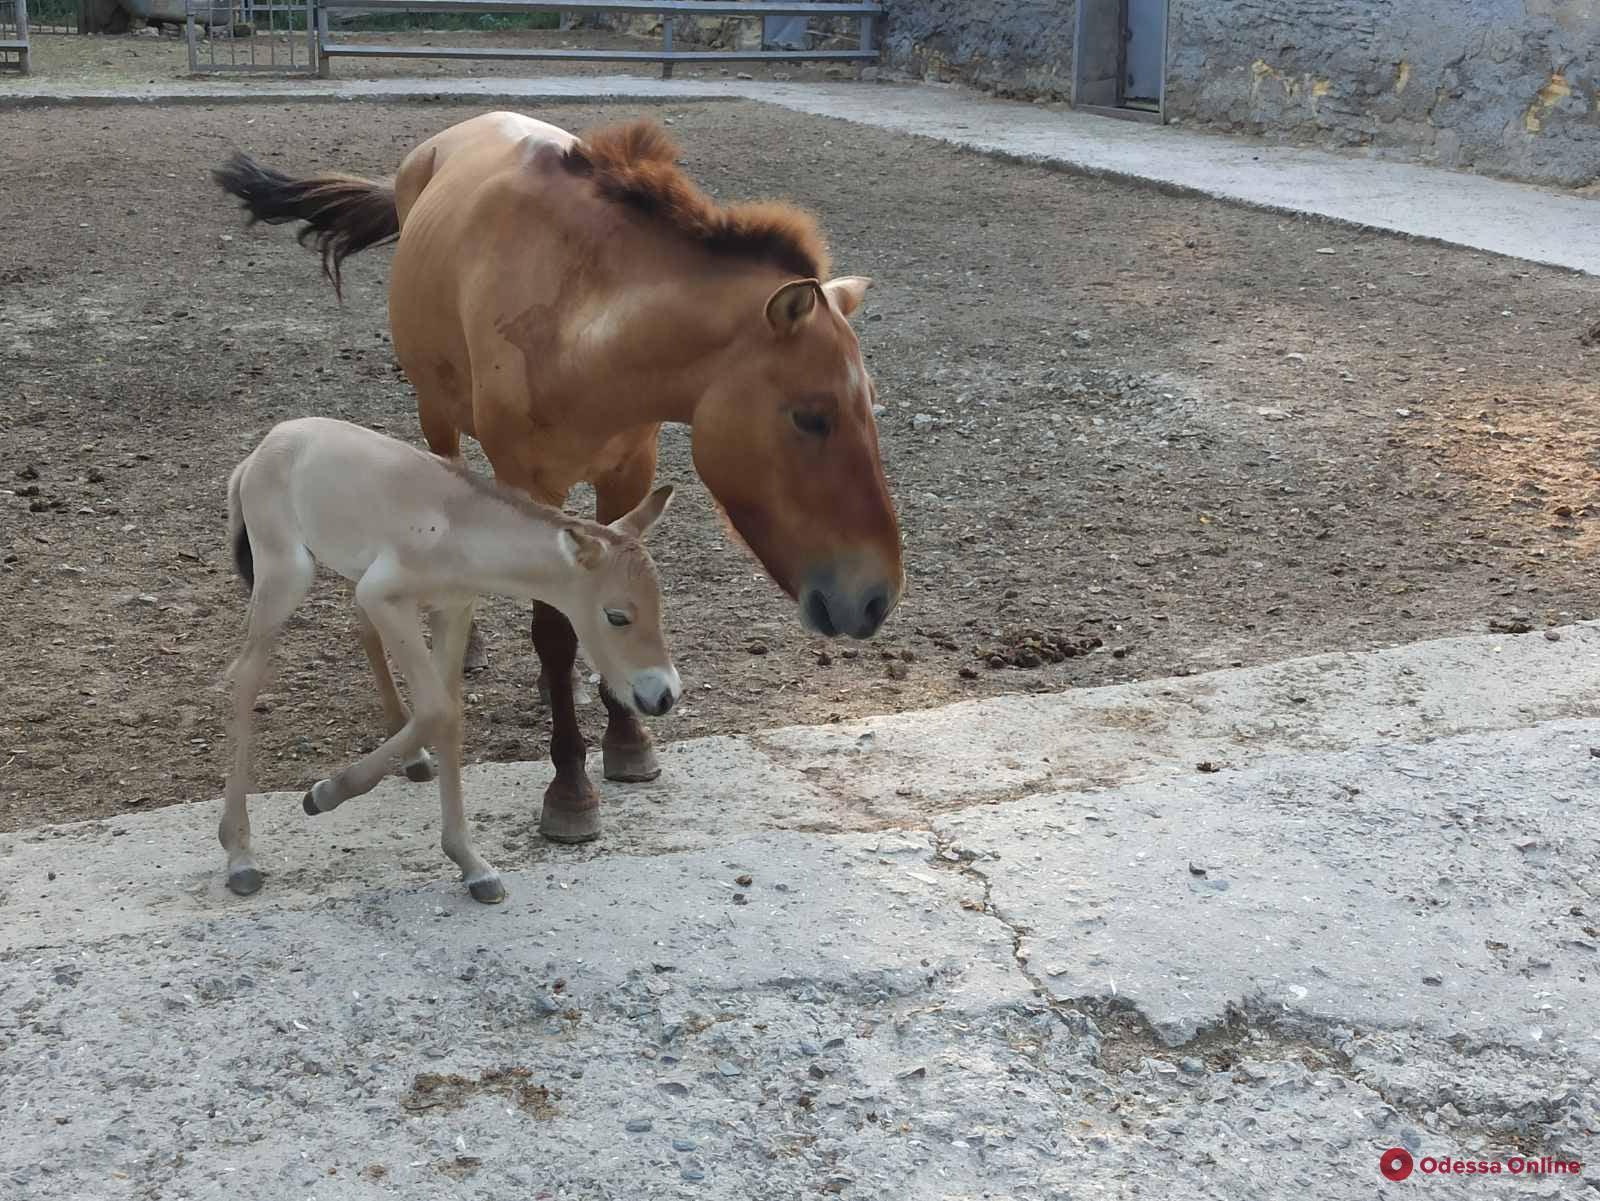 В Одесском зоопарке родился жеребенок лошади Пржевальского (фото)